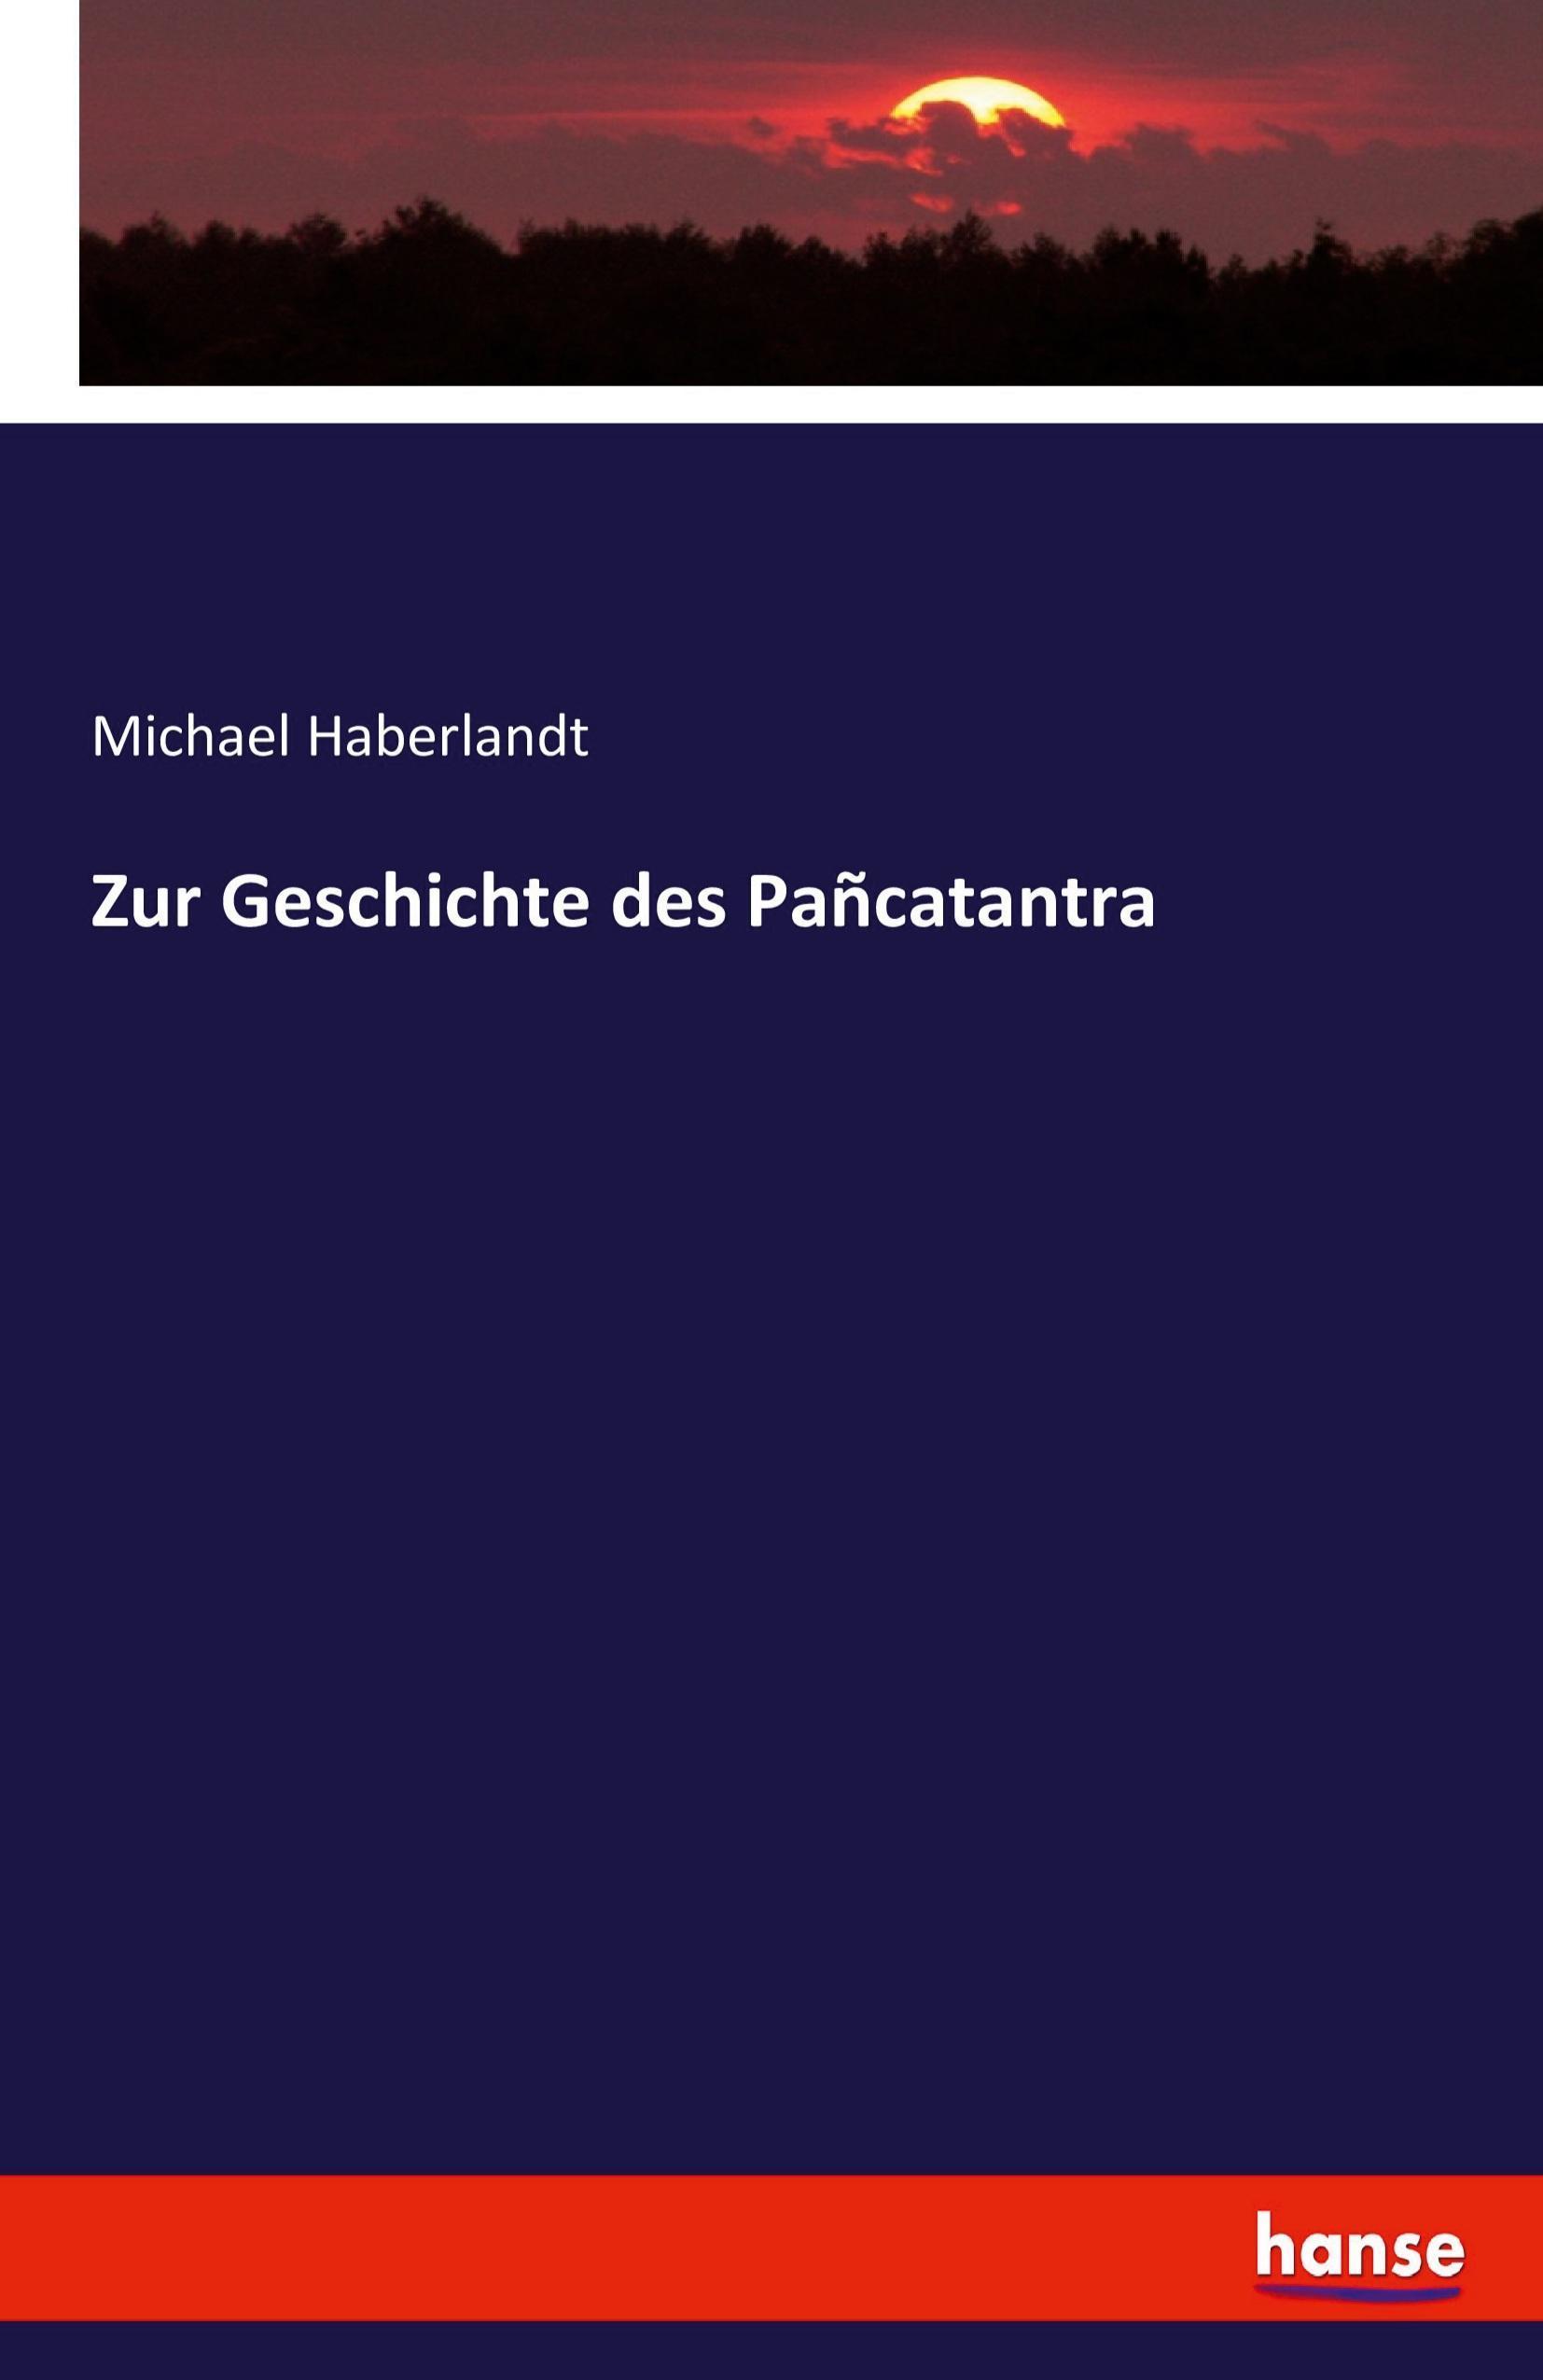 Zur Geschichte des Pañcatantra Michael Haberlandt - <span itemprop=availableAtOrFrom>Fürstenberg, Deutschland</span> - Vollständige Widerrufsbelehrung Widerruf Verbrauchern steht ein gesetzliches Widerrufsrecht zu. Verbraucher ist jede natürliche Person, die ein Rechtsgeschäft zu einem Zwecke abschli - Fürstenberg, Deutschland